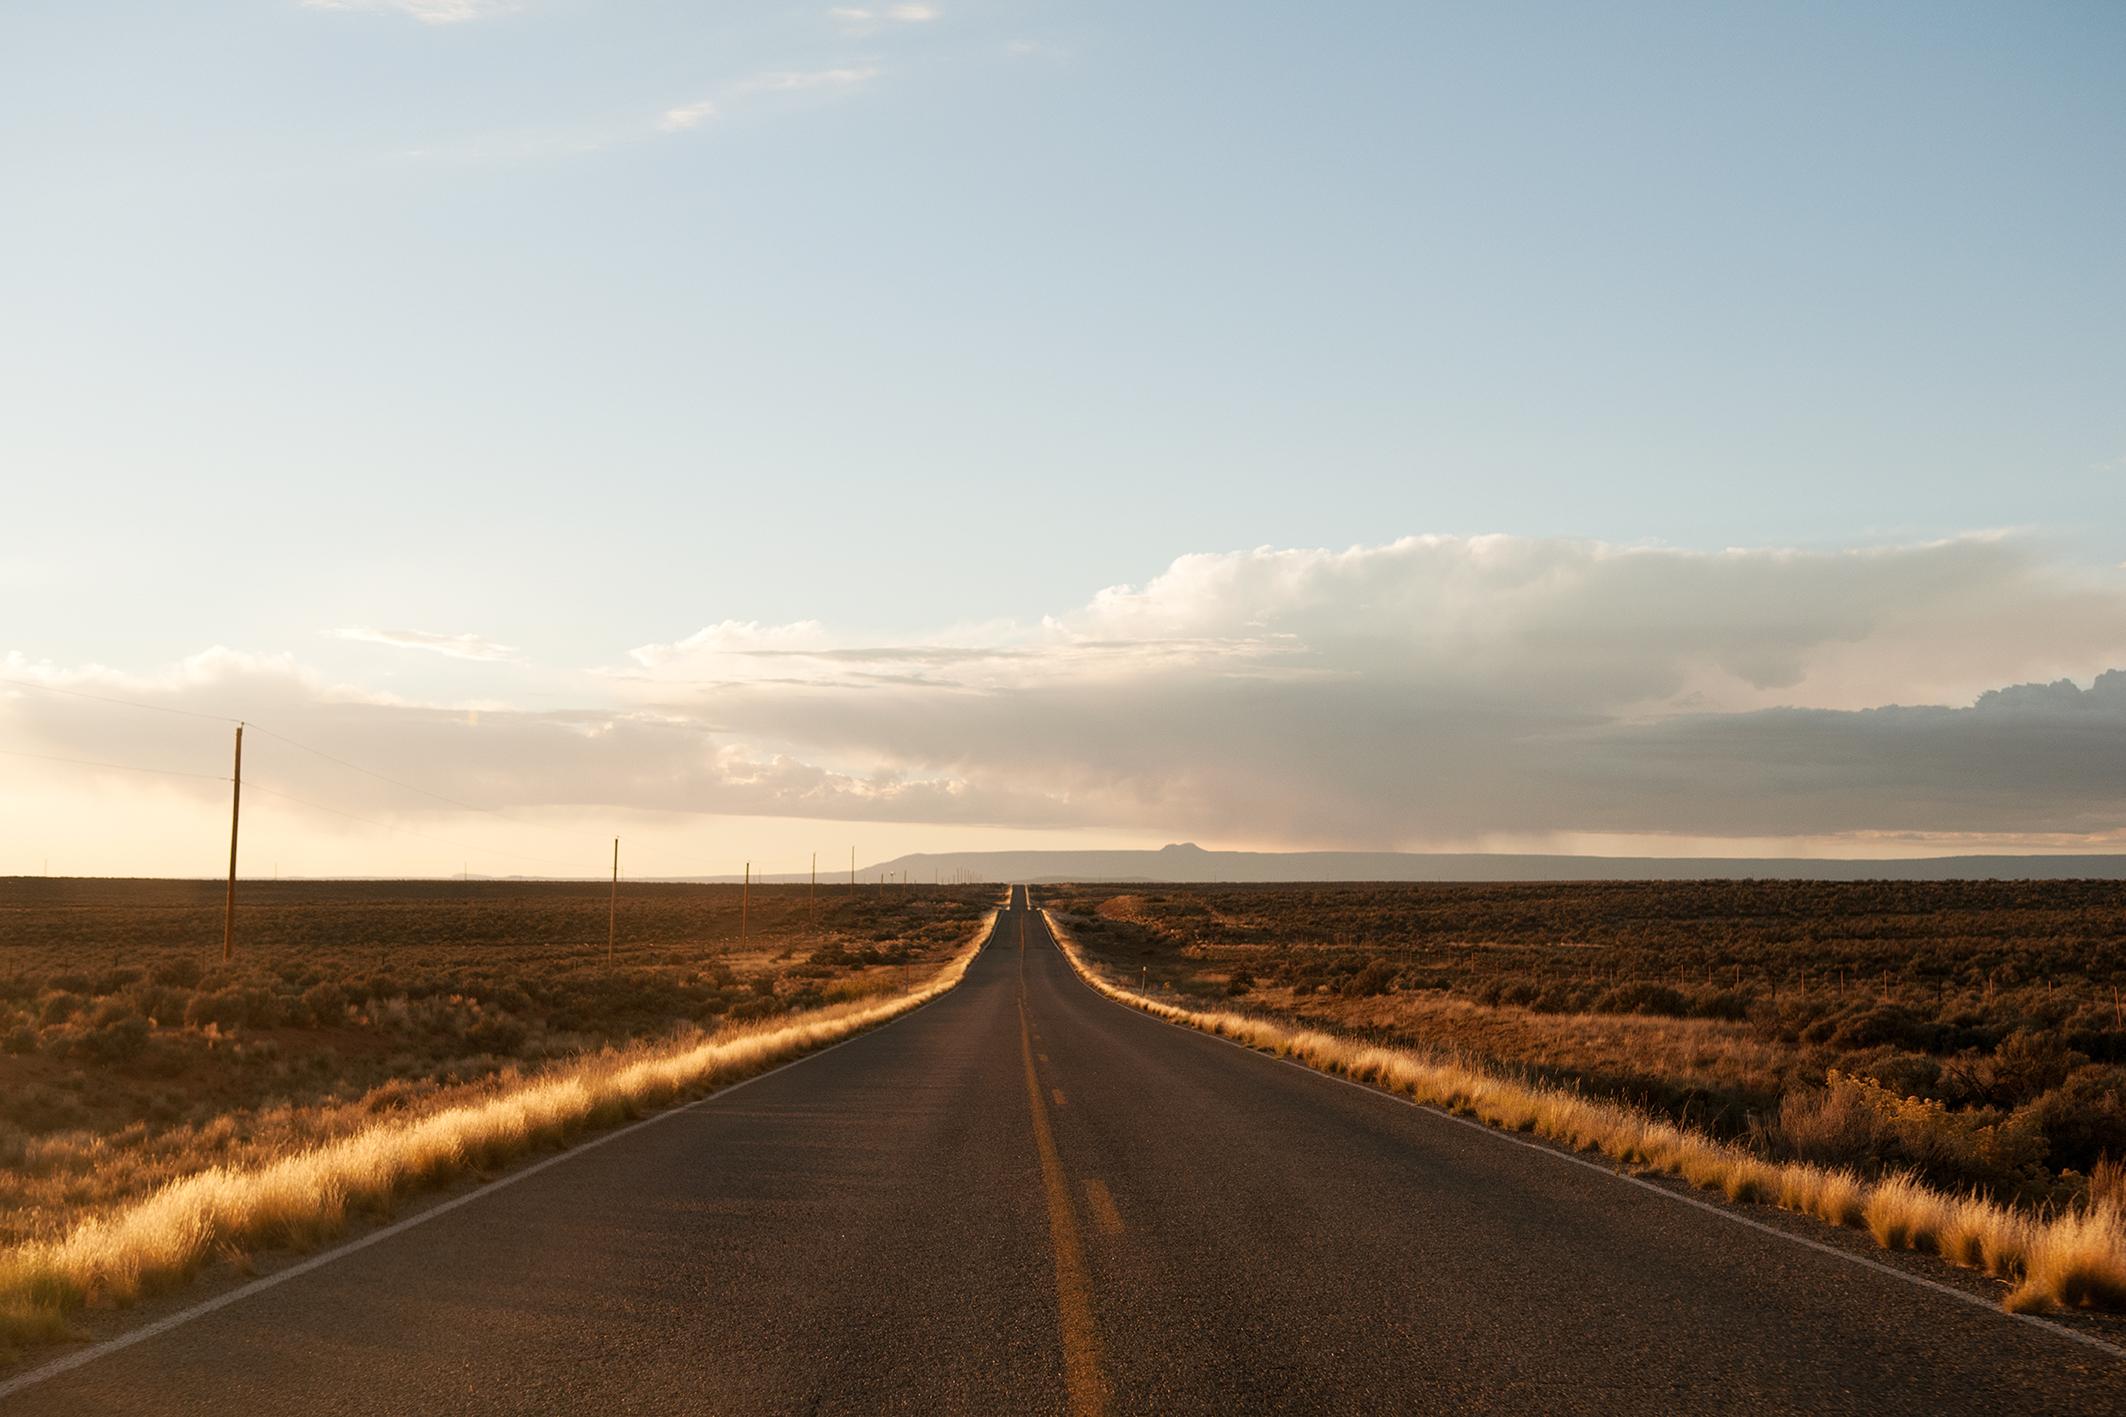 75x50 road DSC_2390